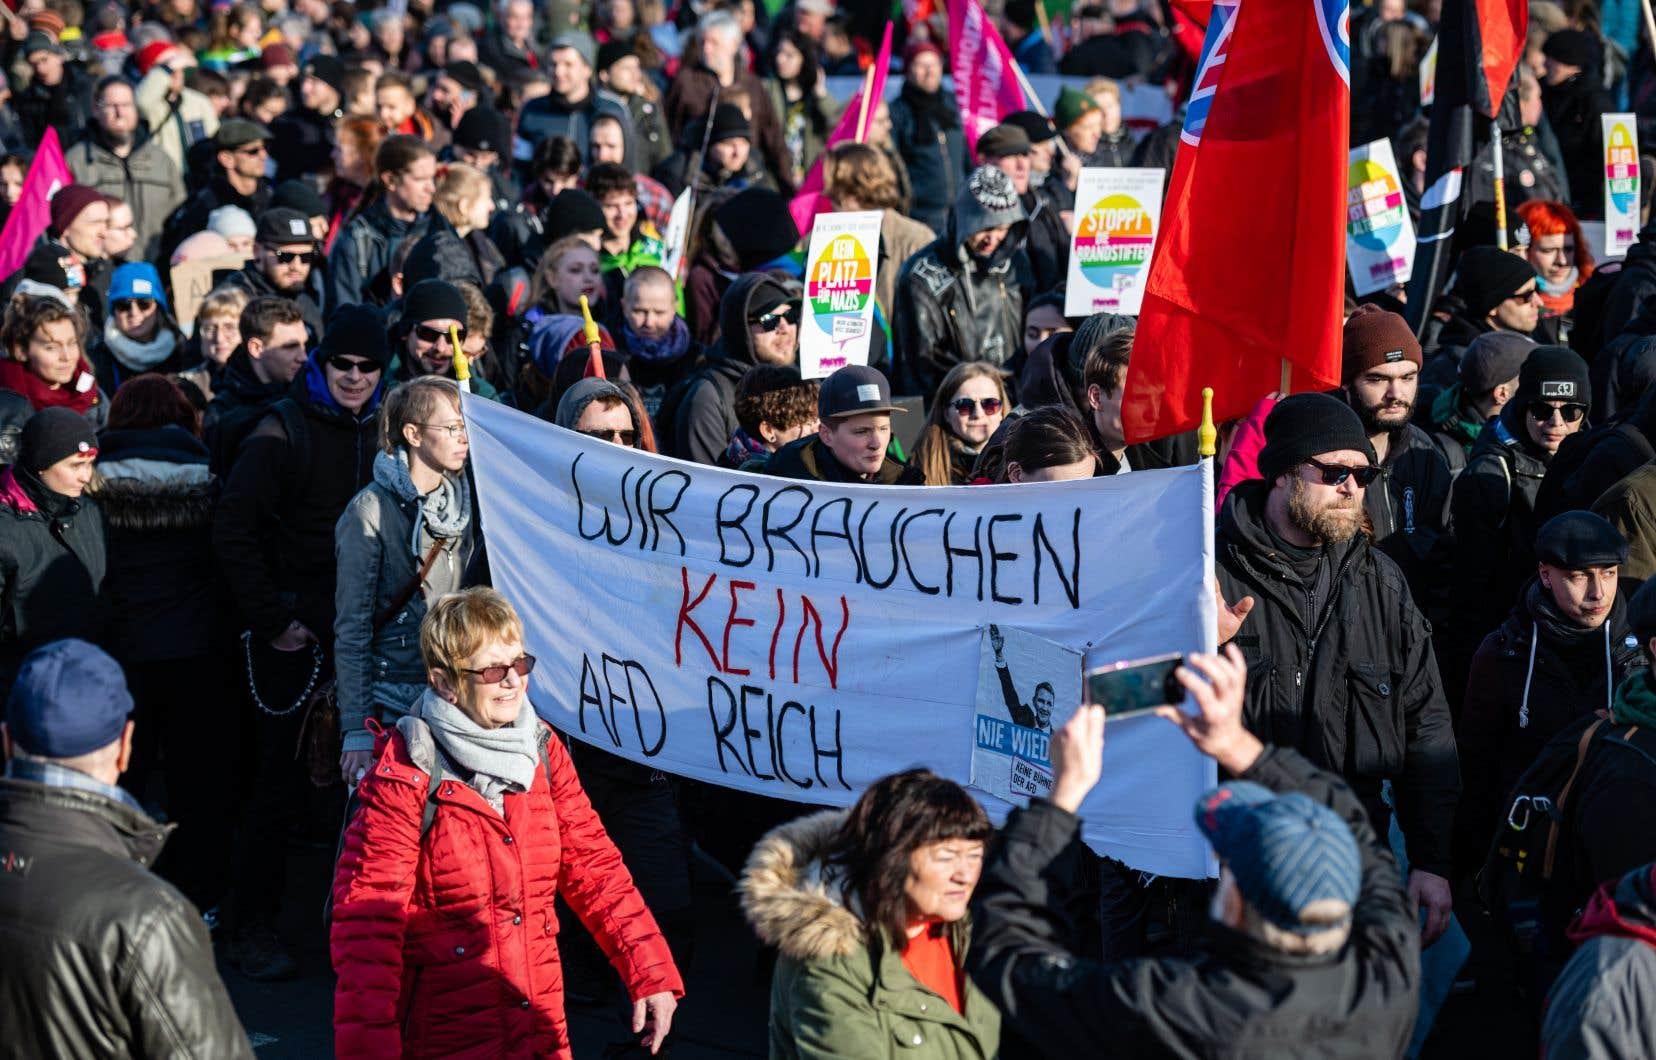 Quelque 18000 personnes ont manifesté, selon les organisateurs.